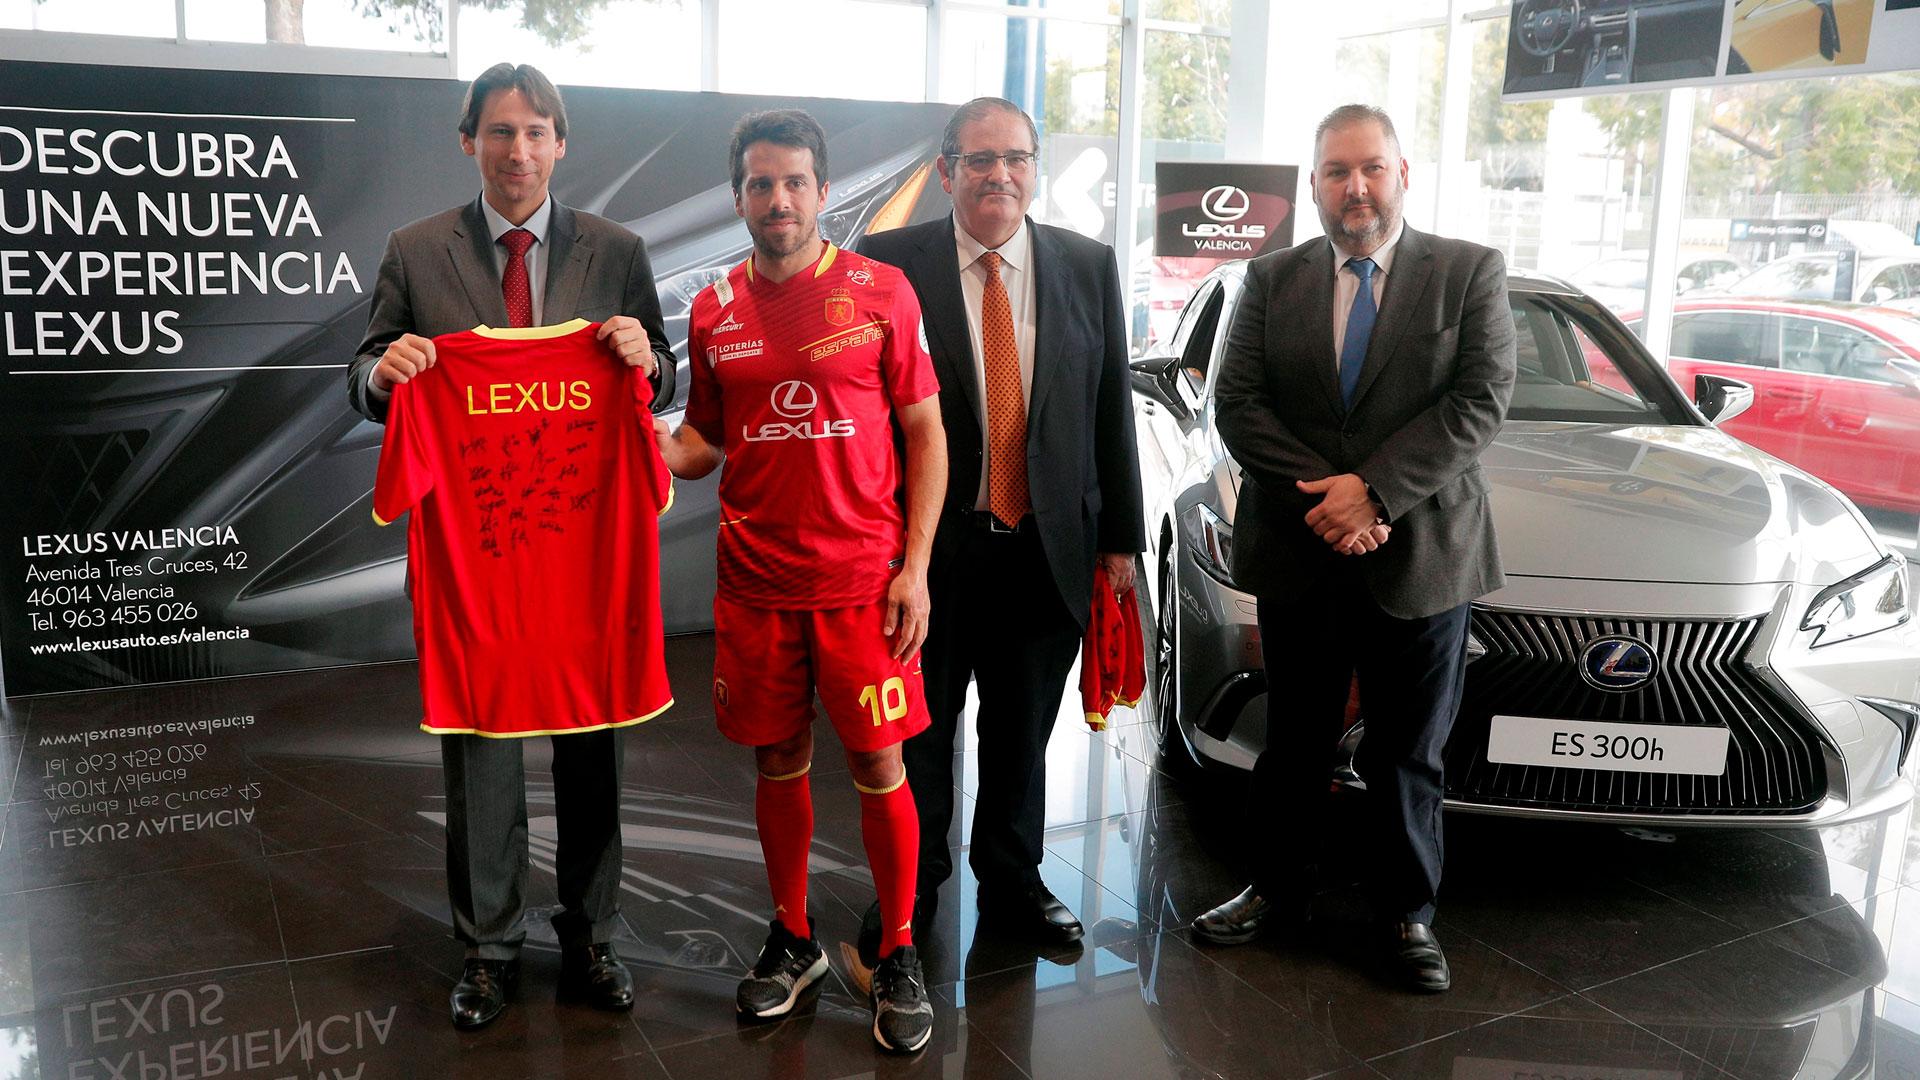 La selección española de hockey en el concesionario de Lexus Valencia